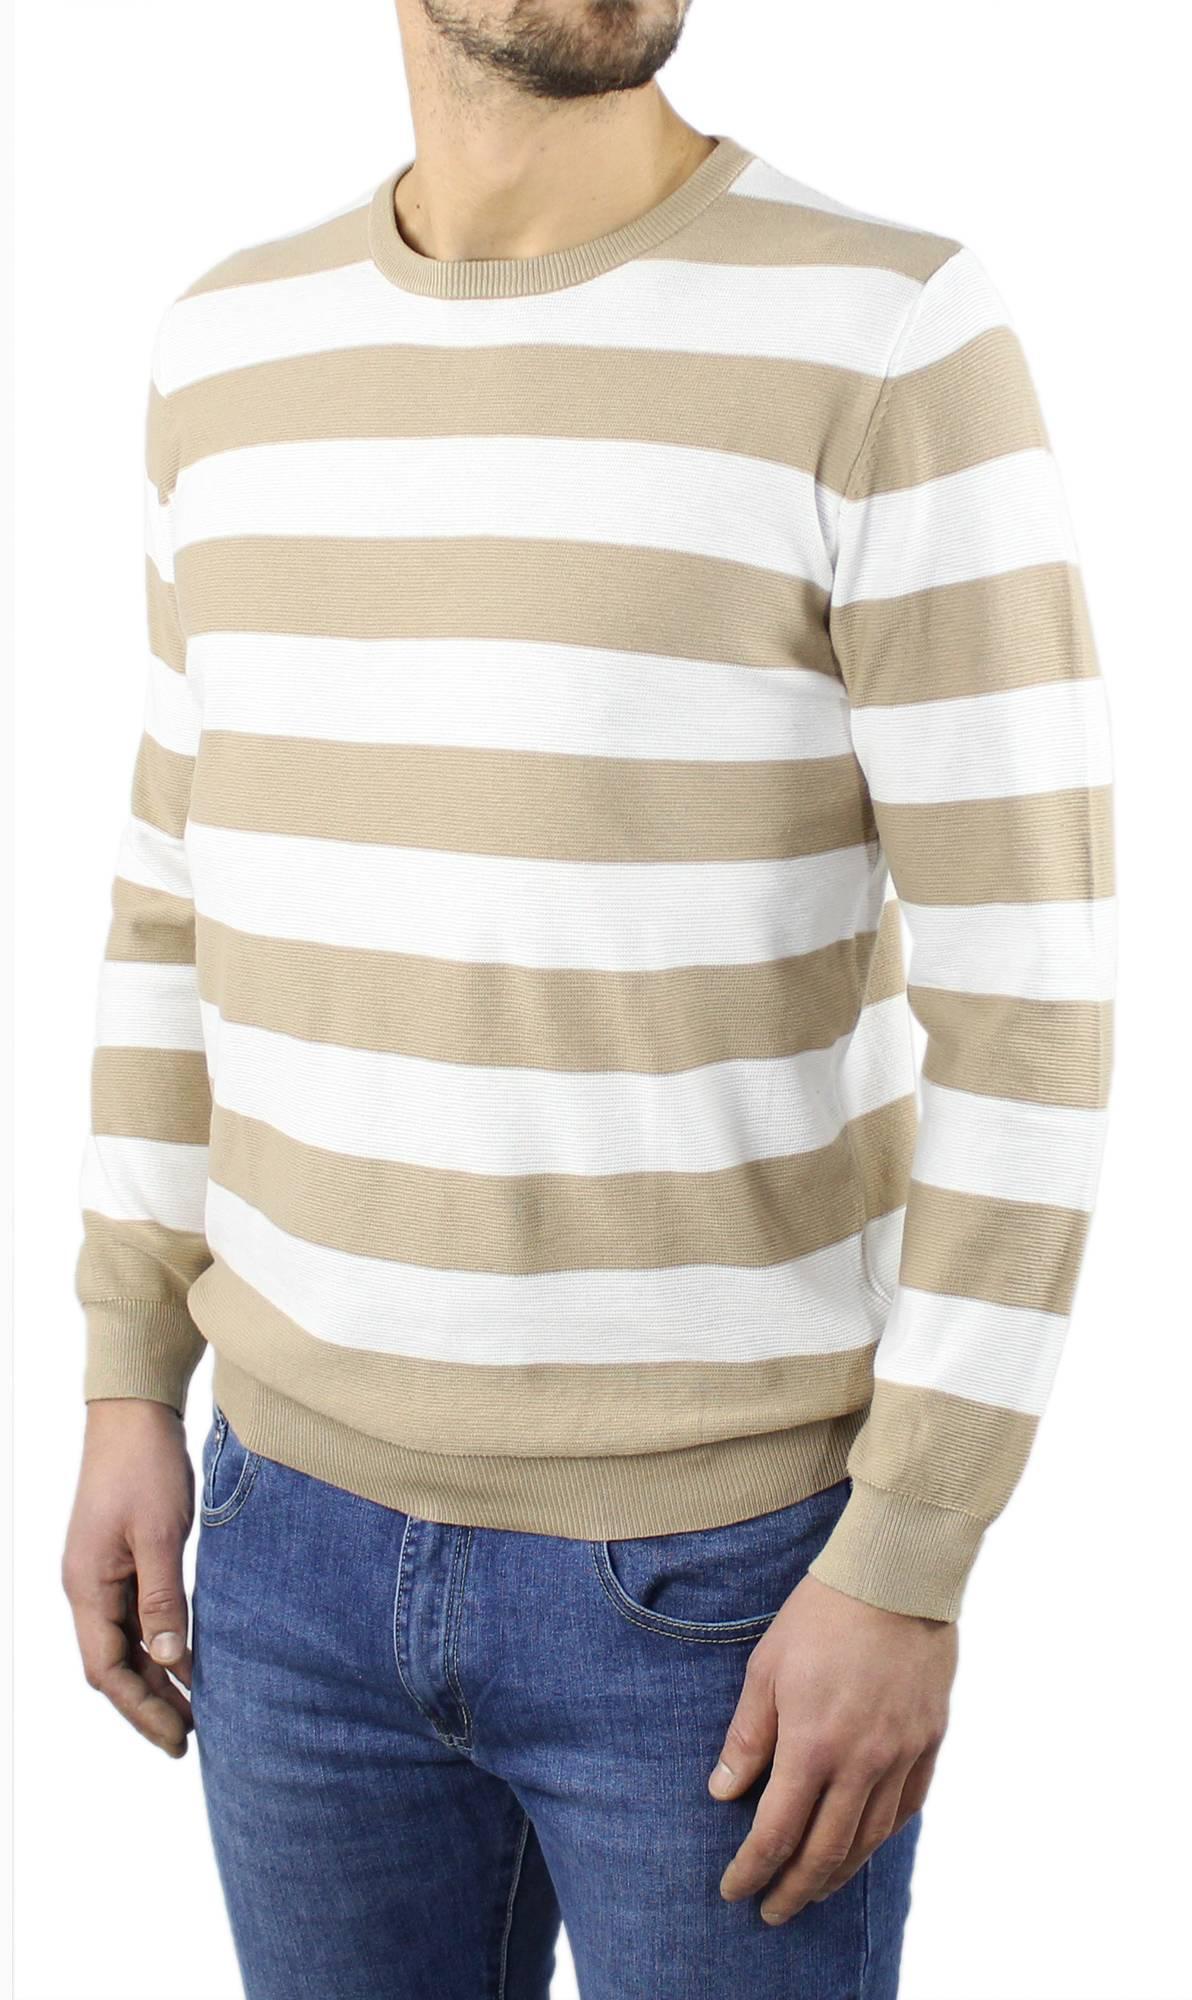 Maglia-Uomo-Cotone-Manica-Lunga-A-righe-Girocollo-Maglioncino-Primaverile-Casual miniatura 10